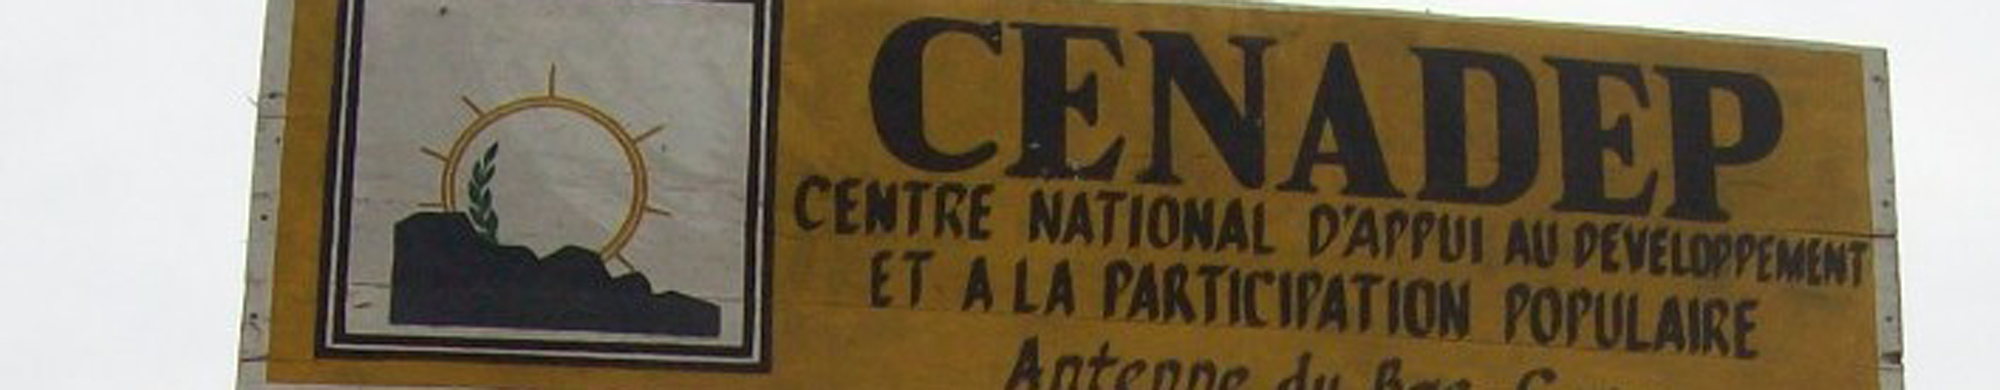 CENADEP (Centre National d'Appui au Développement et à la Participation Populaire)